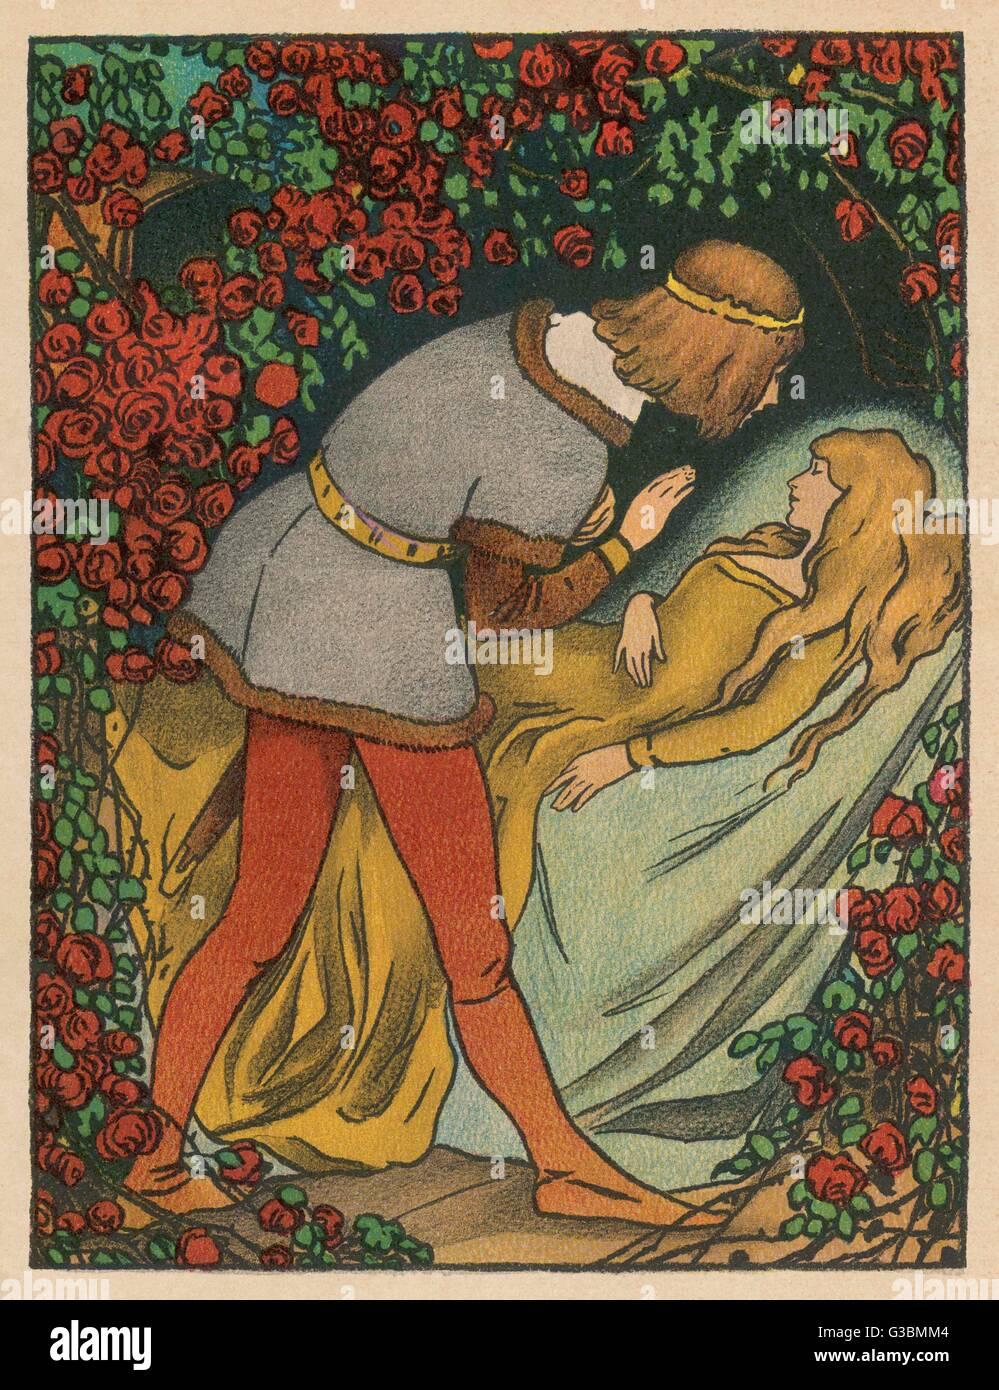 Il principe bacia la principessa, Sleeping Beauty e si risveglia. Immagini Stock